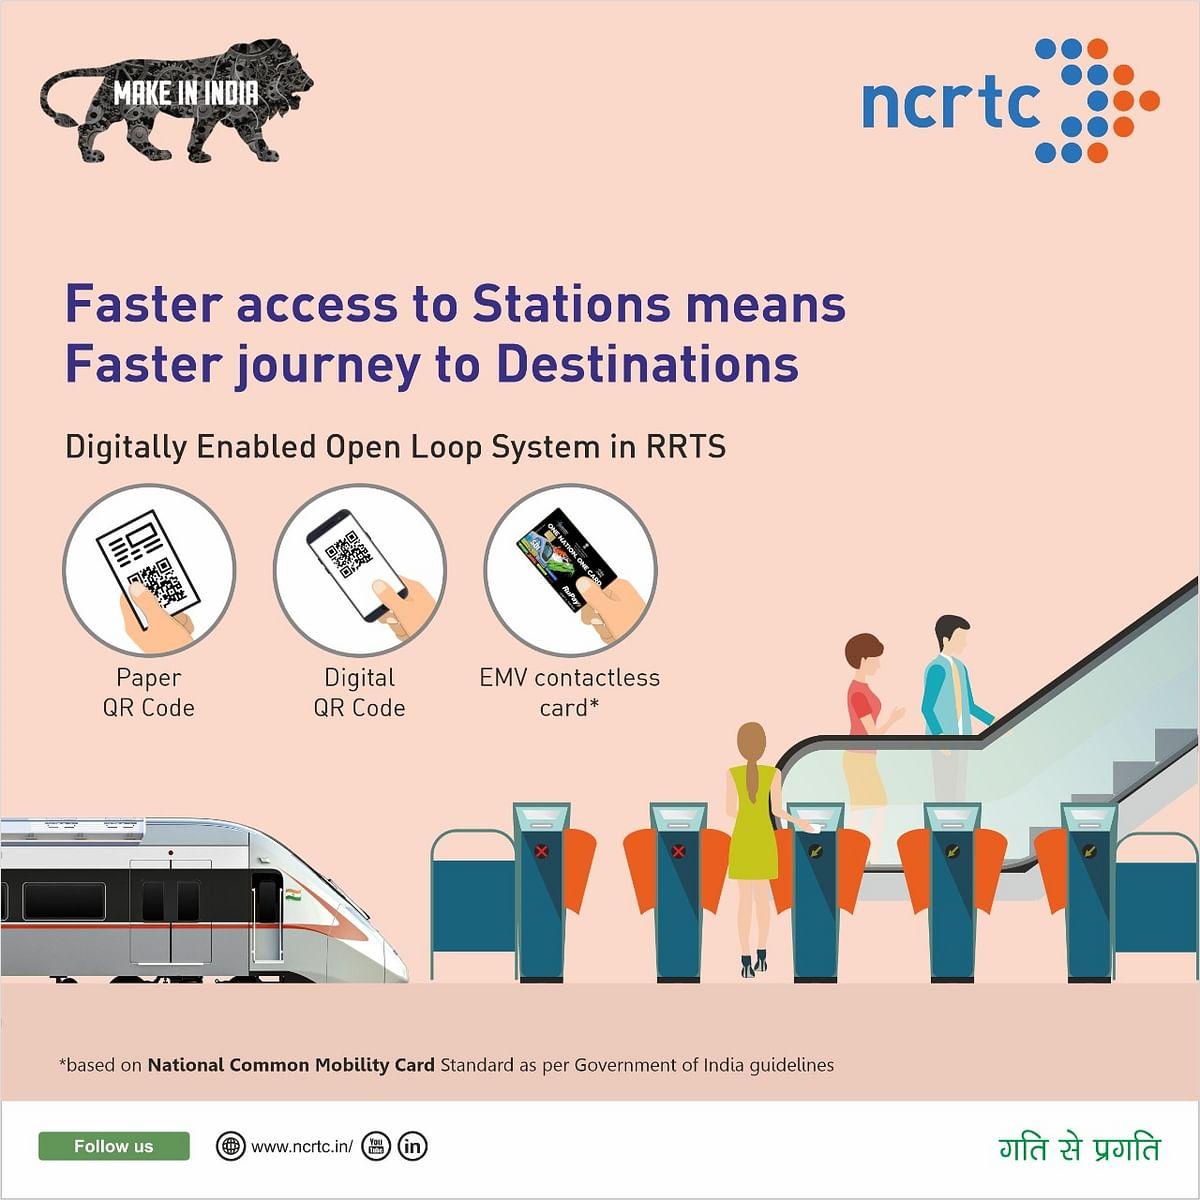 रैपिड रेल में यात्रियों को मिलेगी आॅटोमेटिक फेयर कलेक्शन की सुविधा